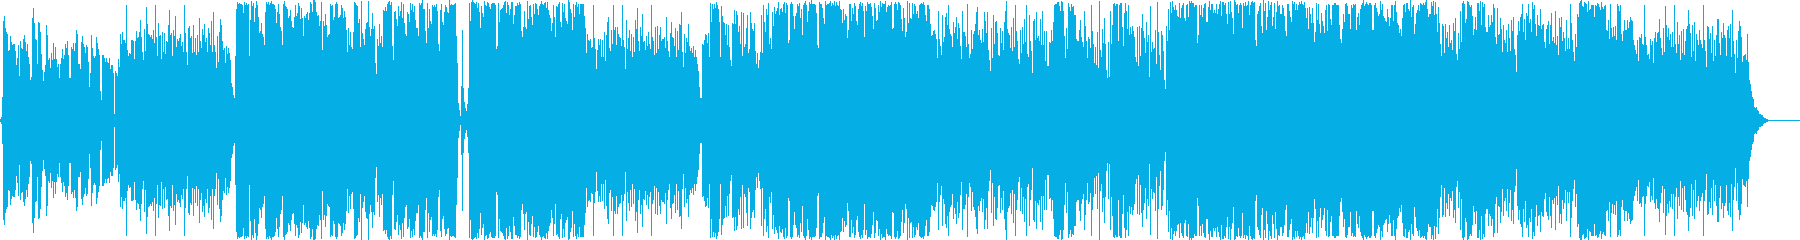 ピアノと歌のほんわかポップの再生済みの波形